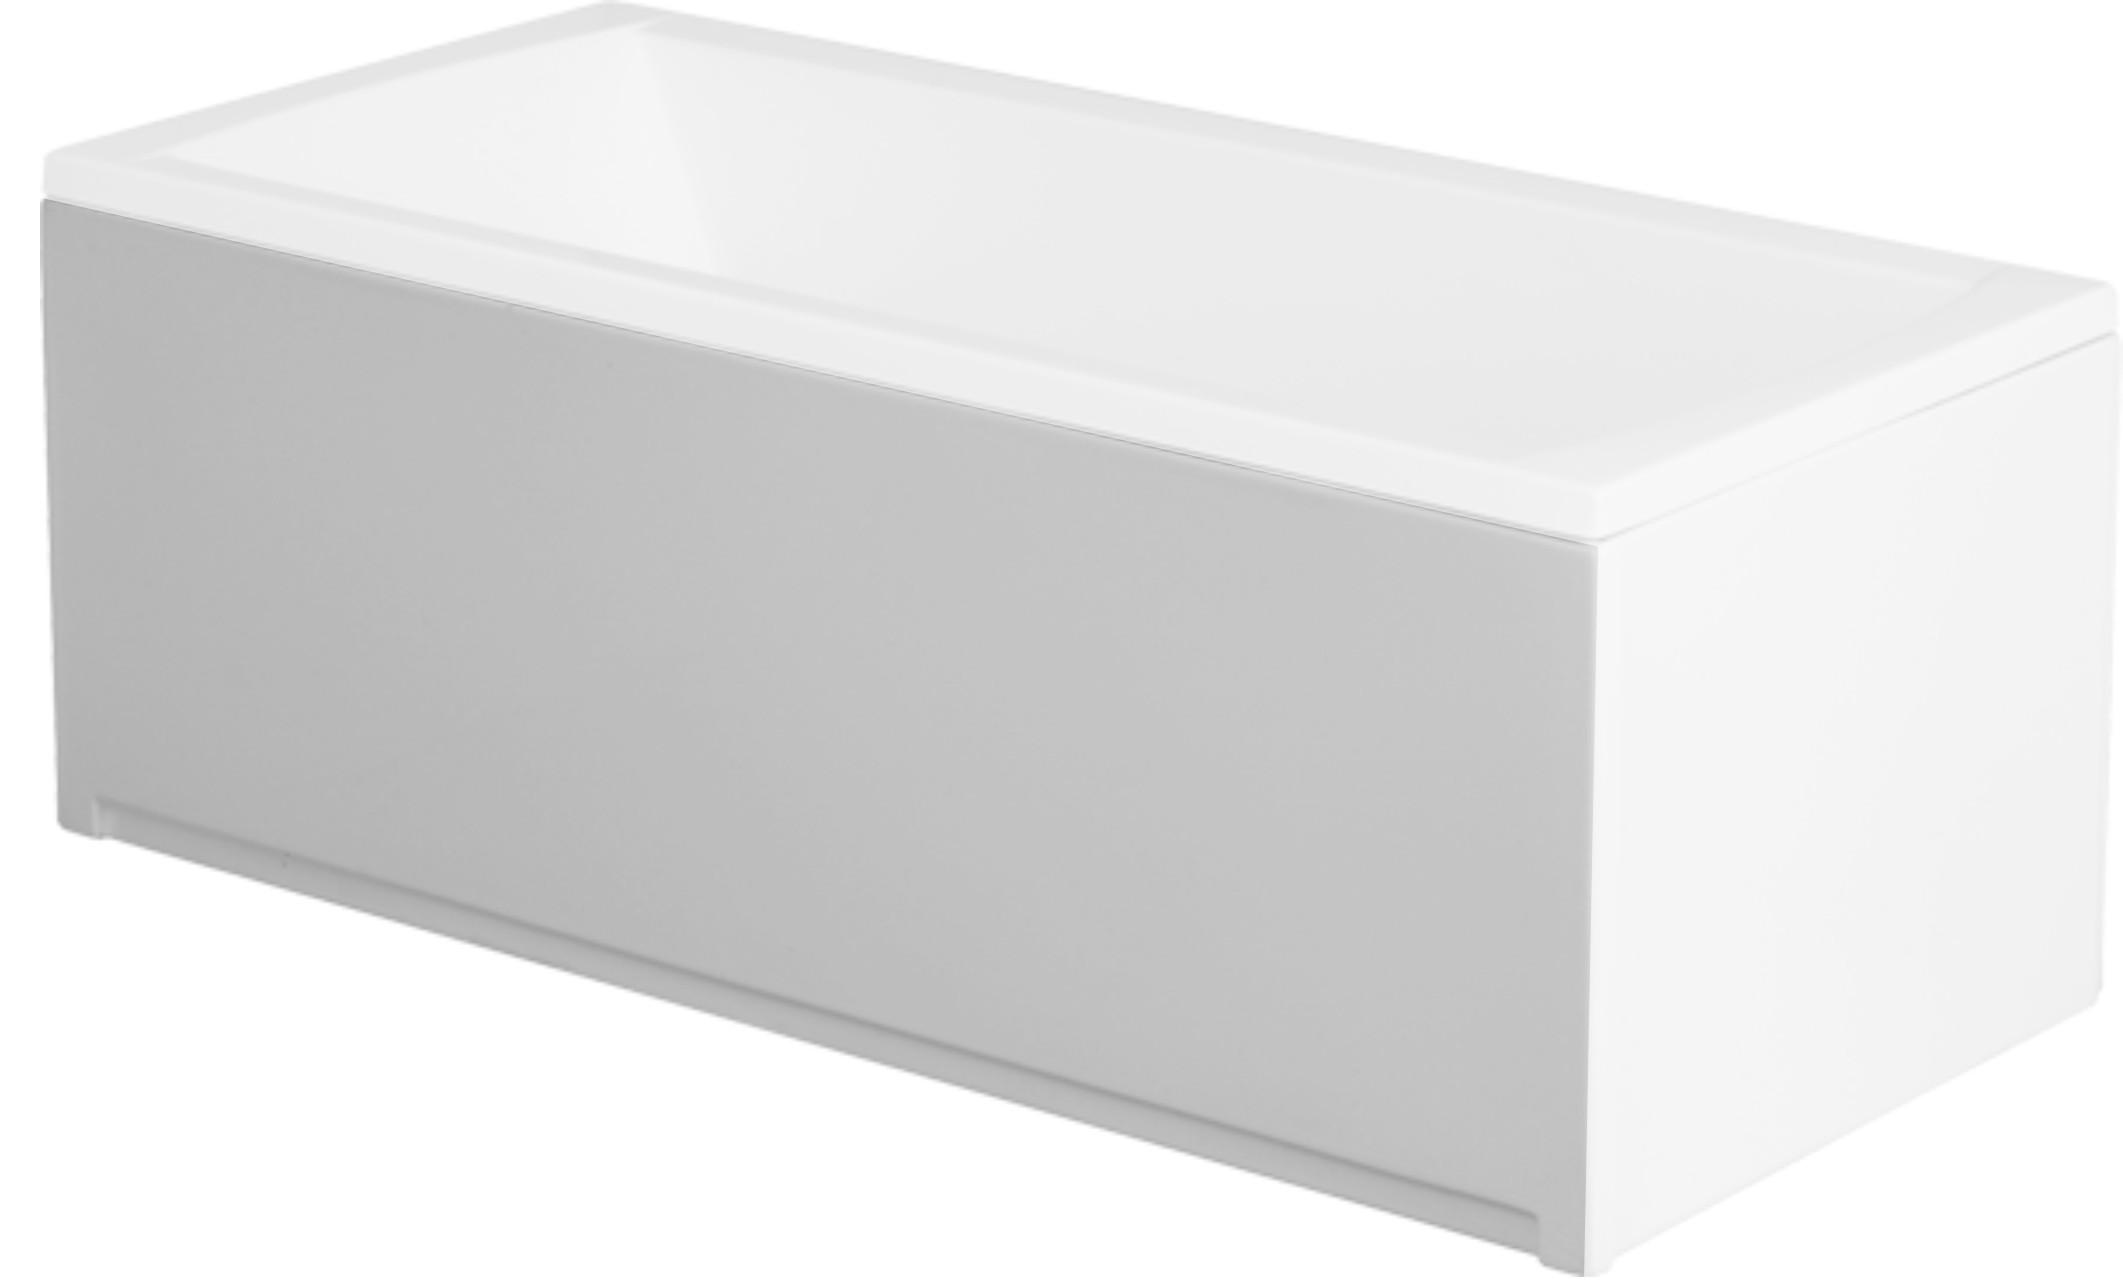 MODENA Hopa krycí čelní panel k vaně, skladem